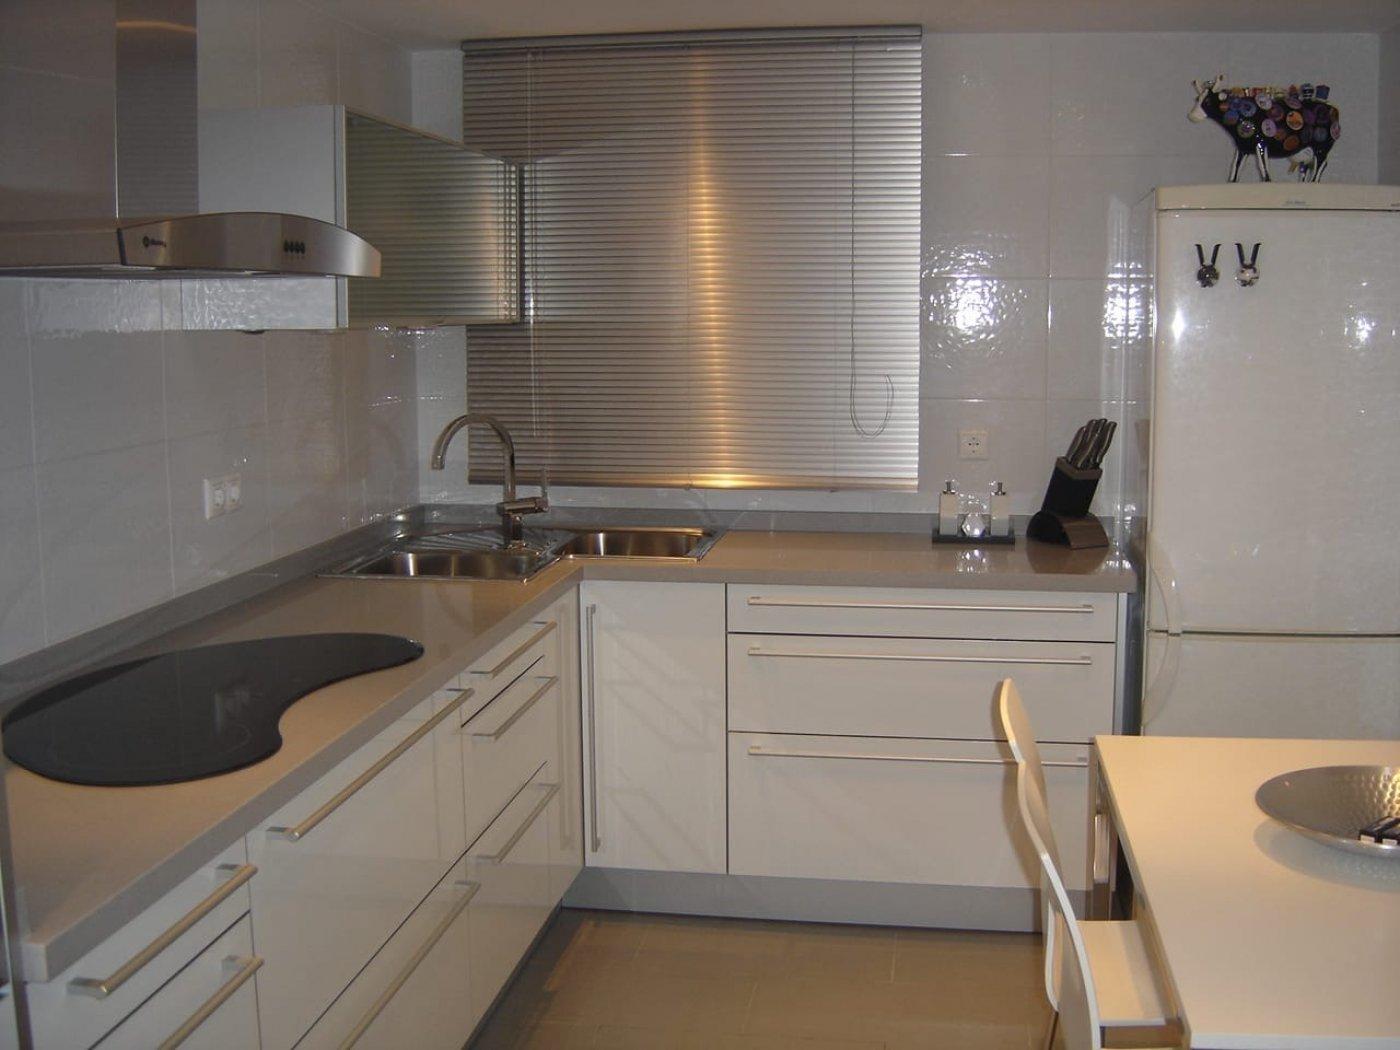 Se vende bonito apartamento semi nuevo con parking en andratx - imagenInmueble19